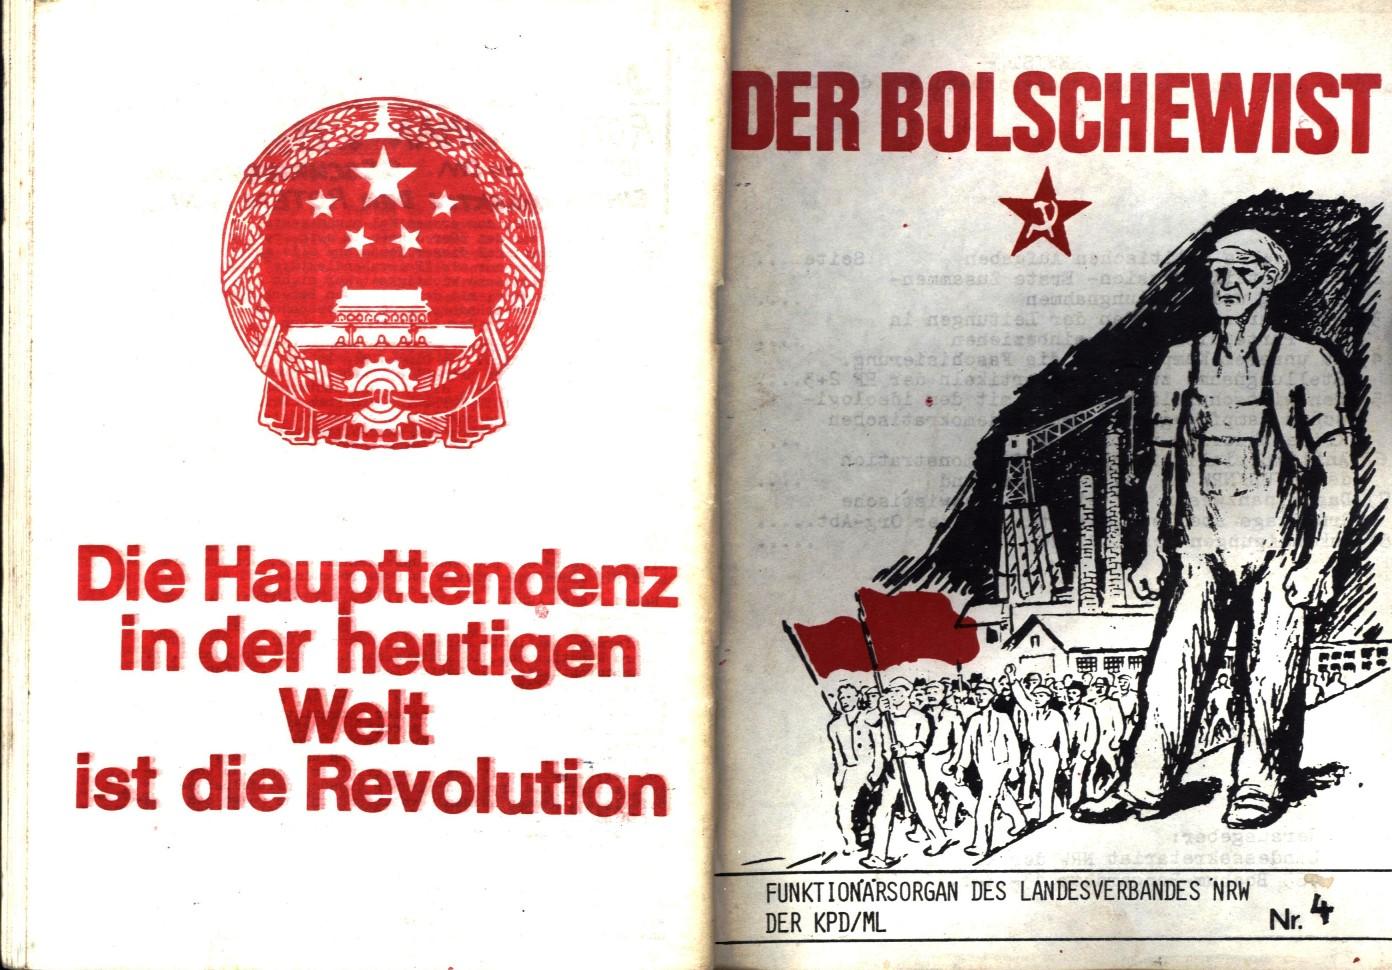 NRW_KPDML_Der_Bolschewist_1972_04_01